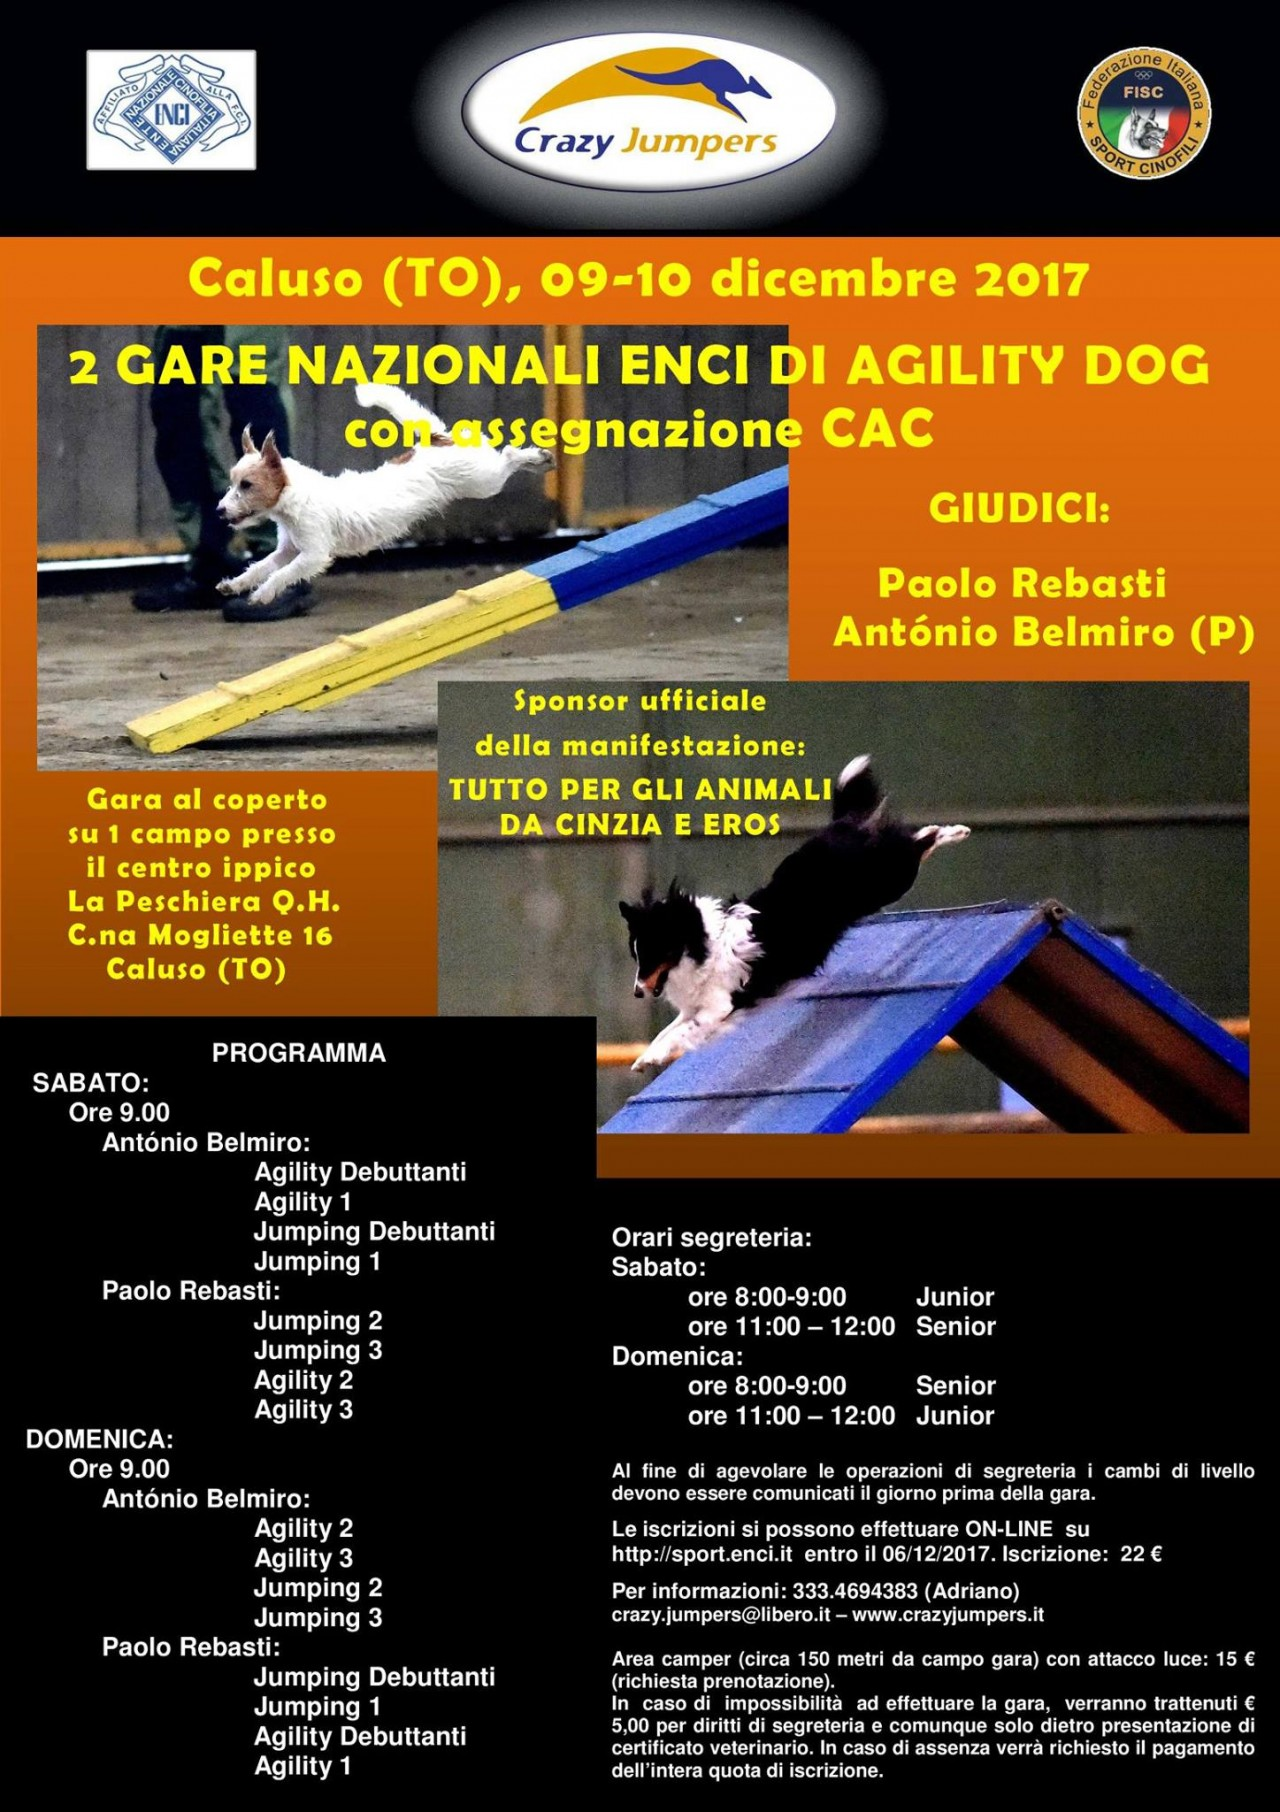 DOMENICA 10 DICEMBRE GARA NAZIONALE DI AGILITY DOG